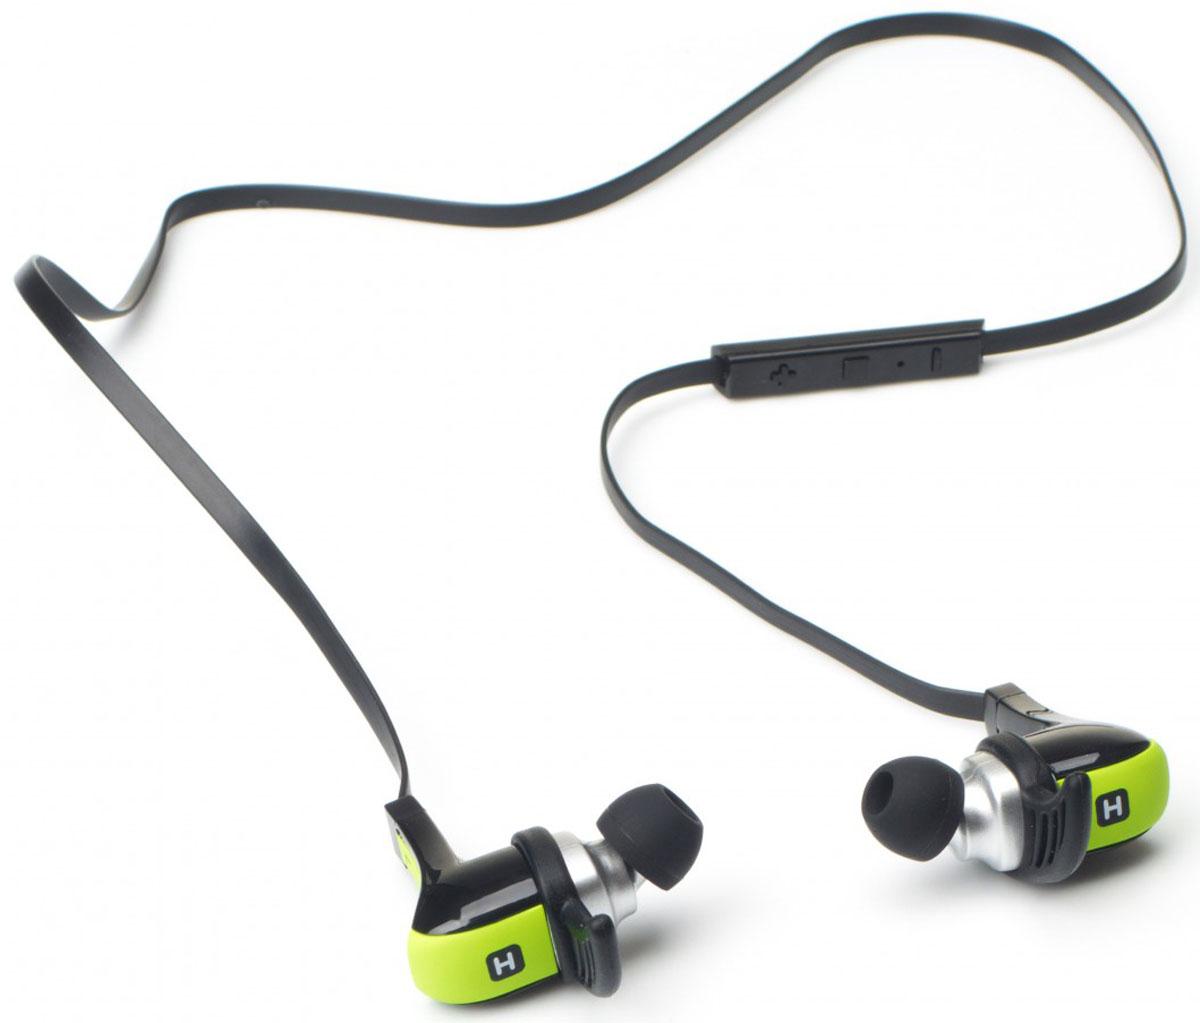 Harper HB-308, Green наушникиH00001068Harper HB-308 - это Bluetooth наушники-вкладыши с поддержкой регулировки громкости и комфортными амбушюрами. Компактный корпус обеспечивает комфортное использование устройства в течение всего дня, а также при занятиях спортом или пробежке. Модель поддерживает Bluetooth 4.1 и подарит вам первоклассное качество звука!